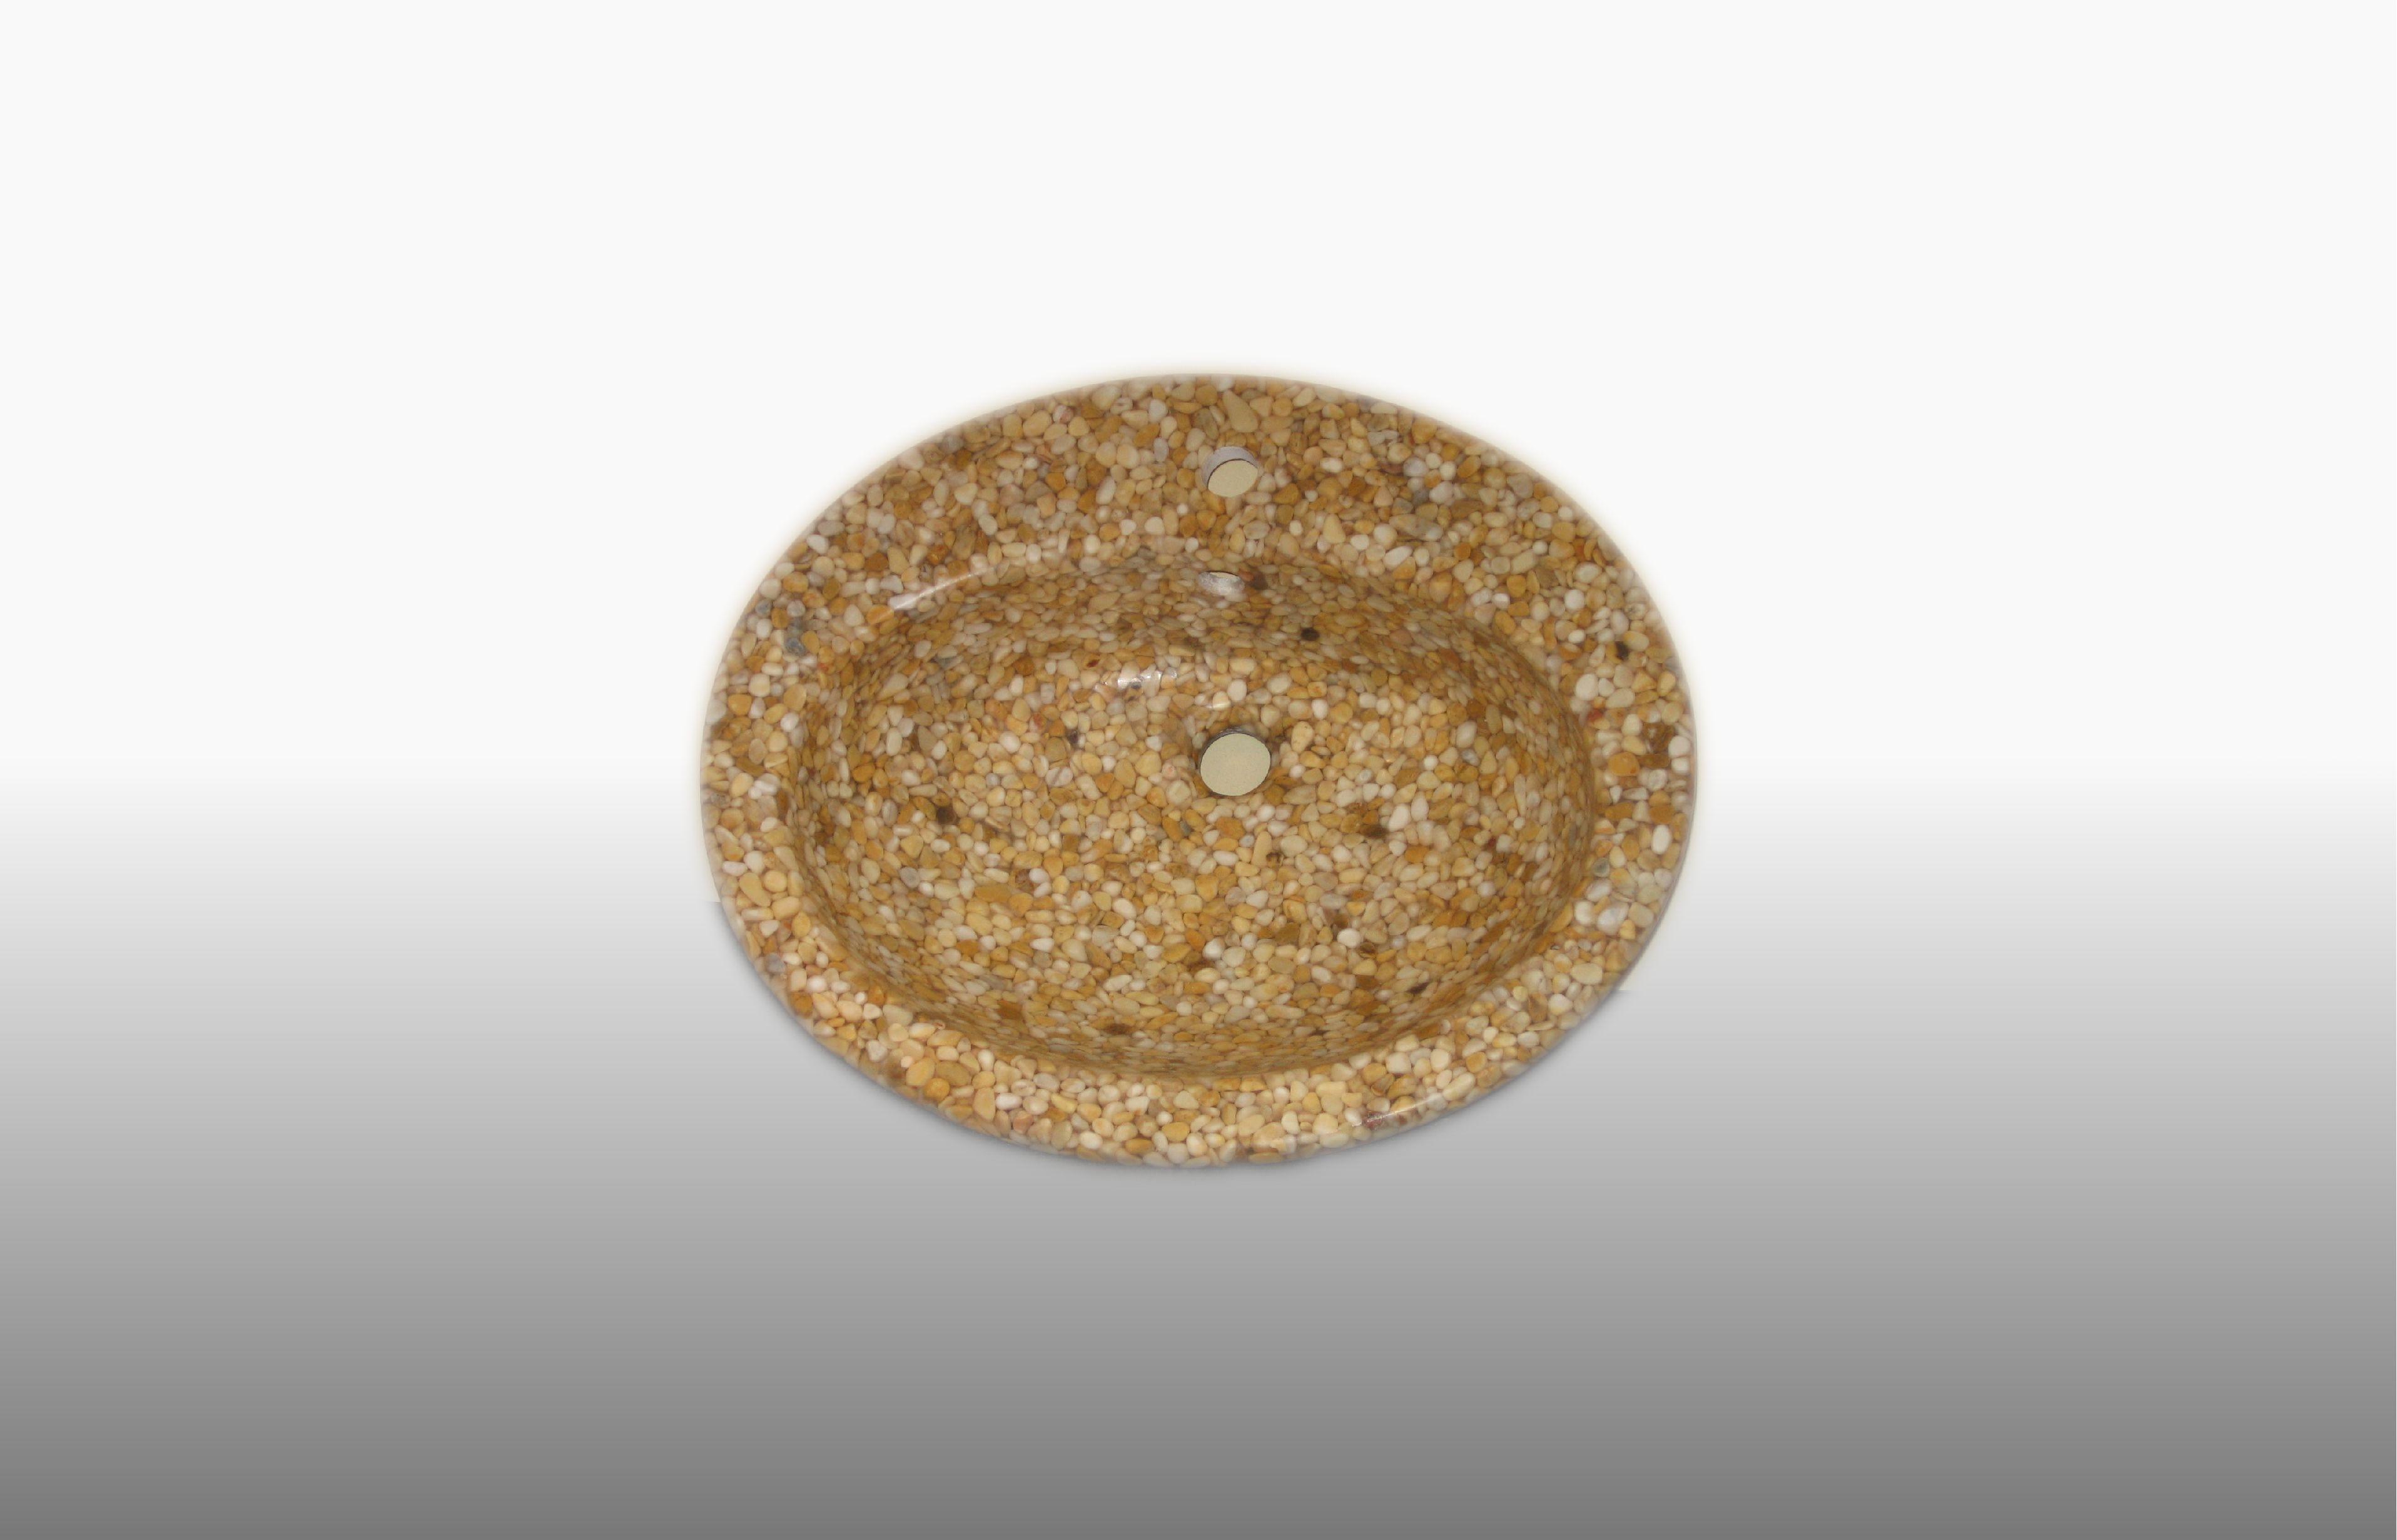 Lavabo da incasso ovale - in ciottoli Giallo Siena e resina trasparente misura 62x52 cm  - prezzo 230,00 €